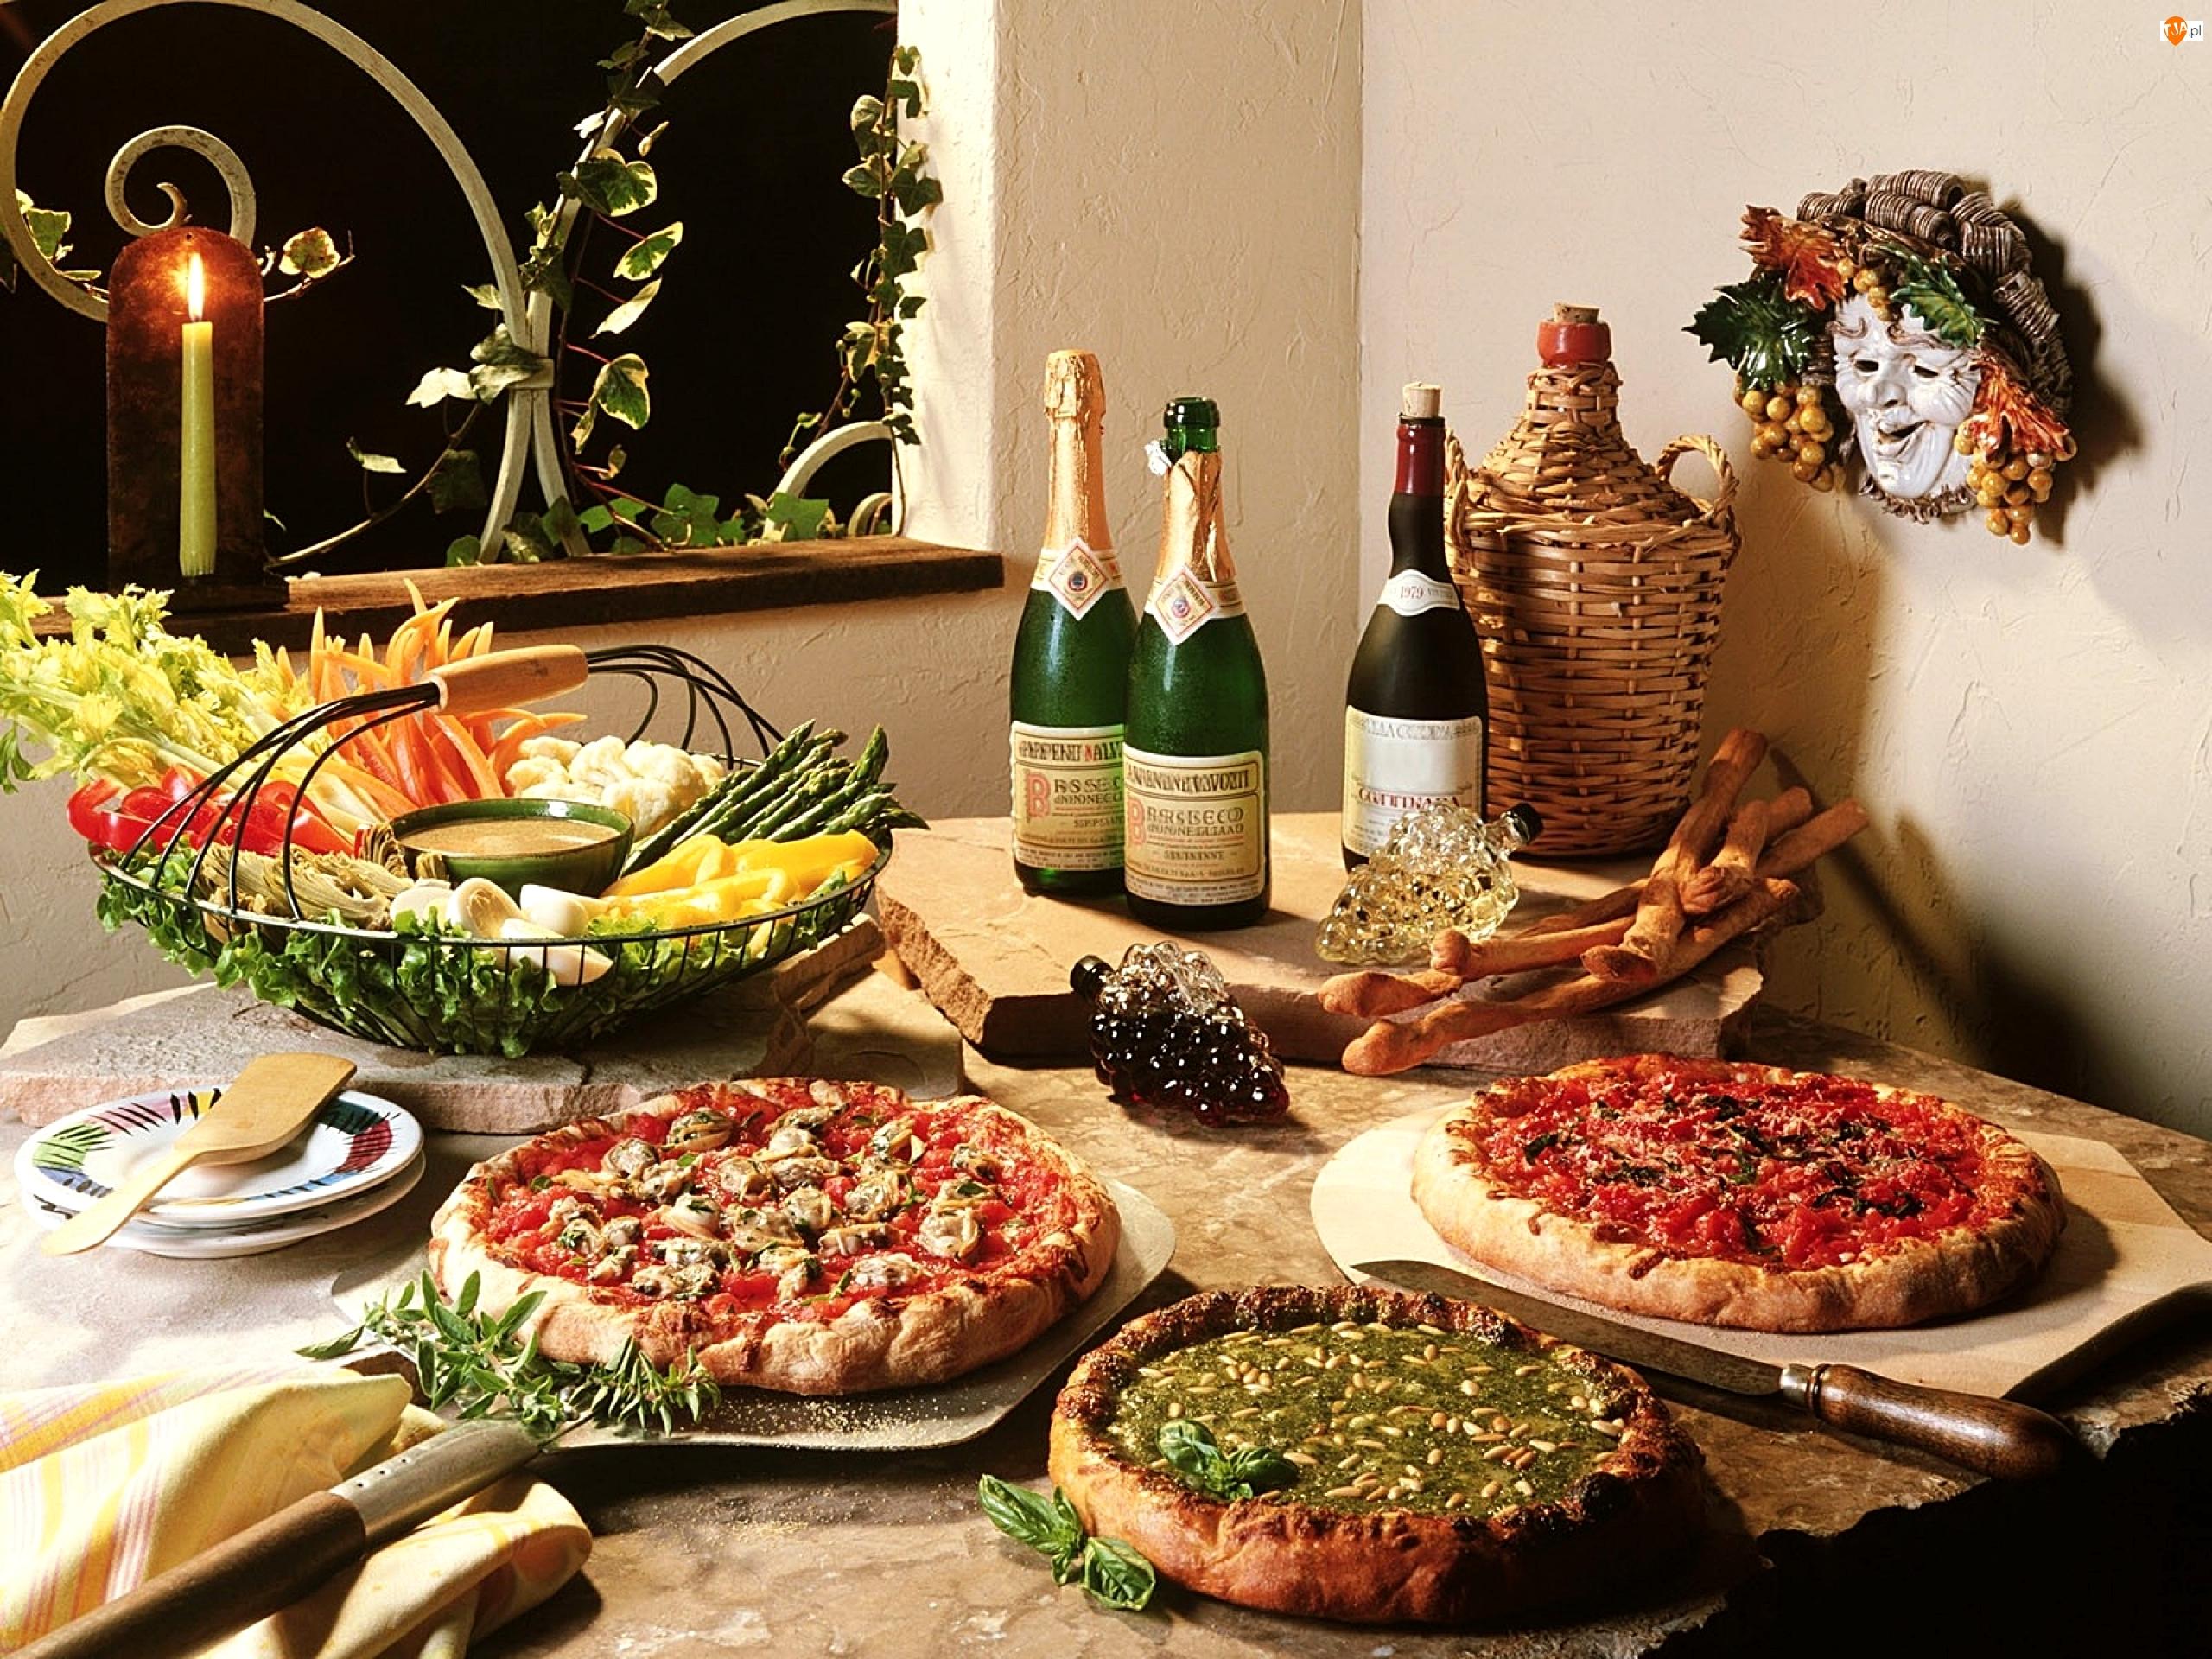 Dodatki, Pizza, Wina